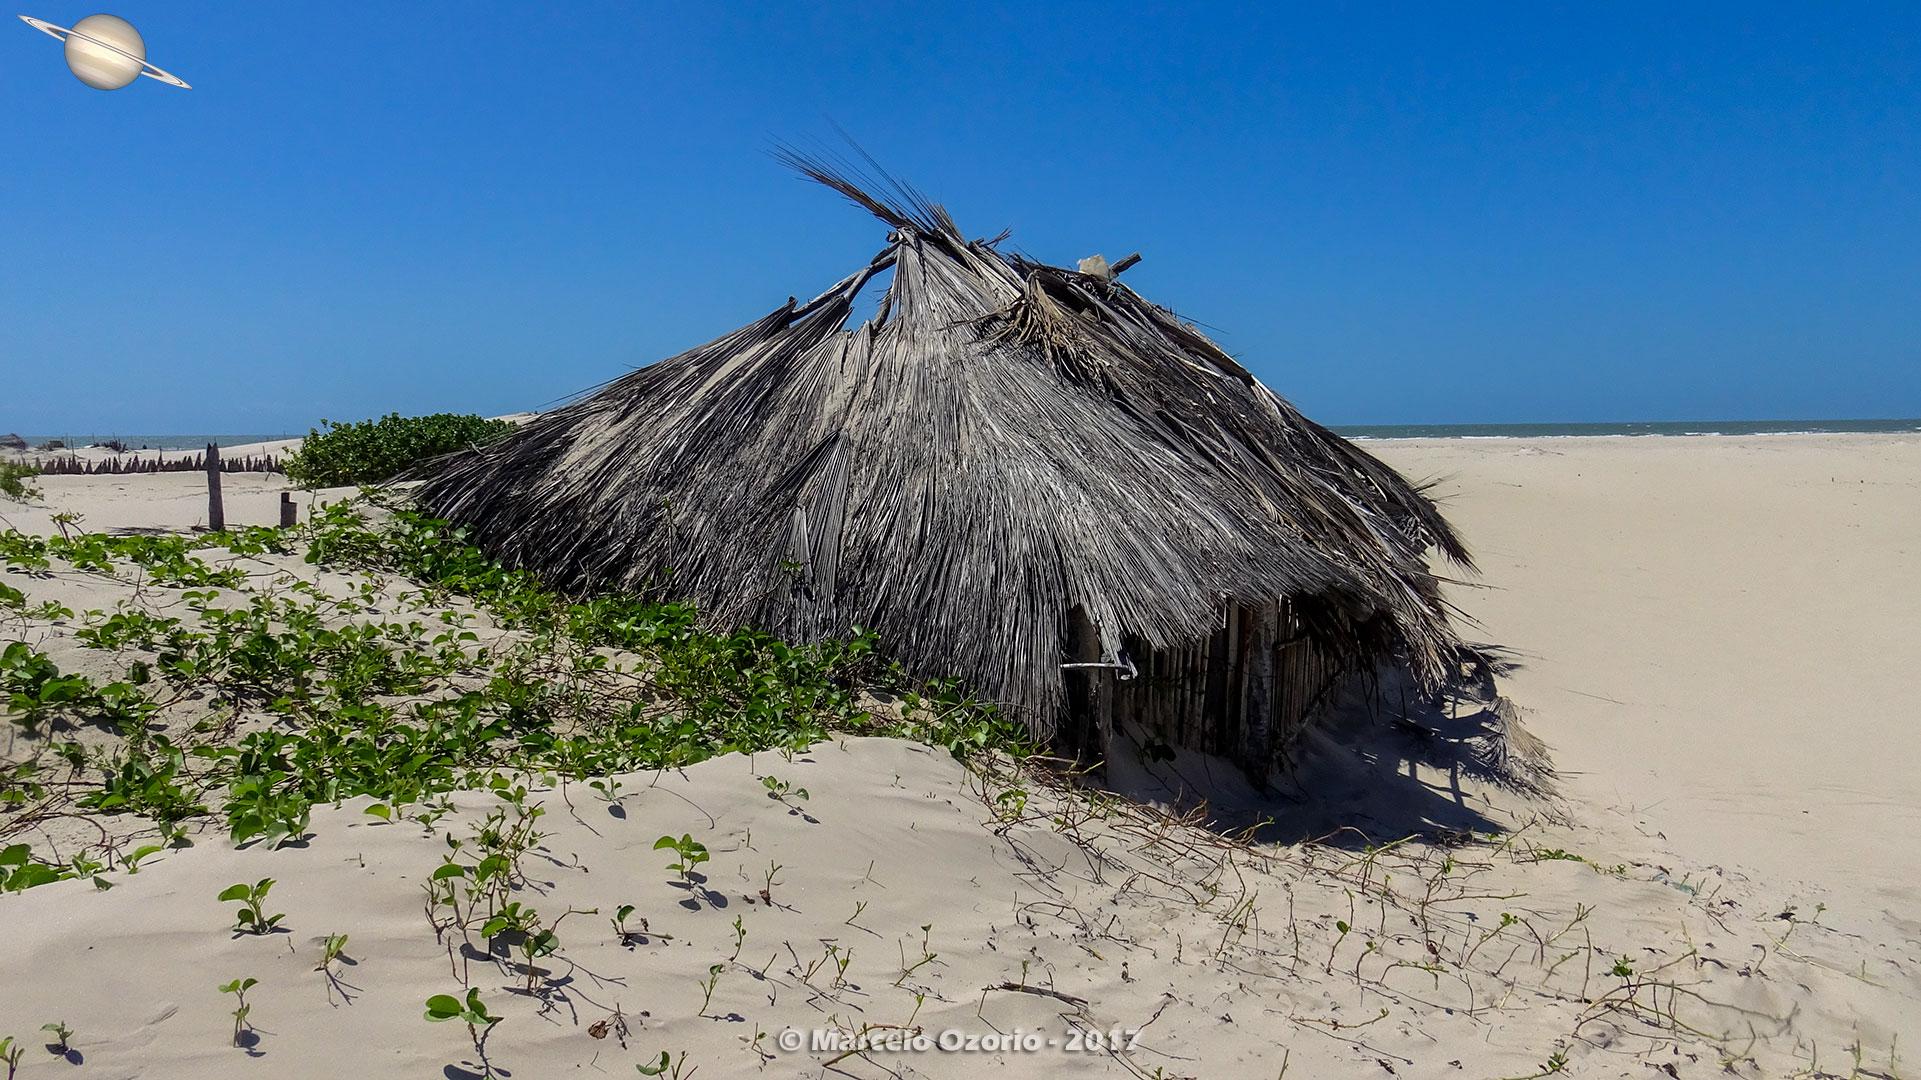 cabure lencois maranhenses brasil 20 - De Barreirinhas à Canto do Atins. Trekking nos Lençóis Maranhenses - Brasil